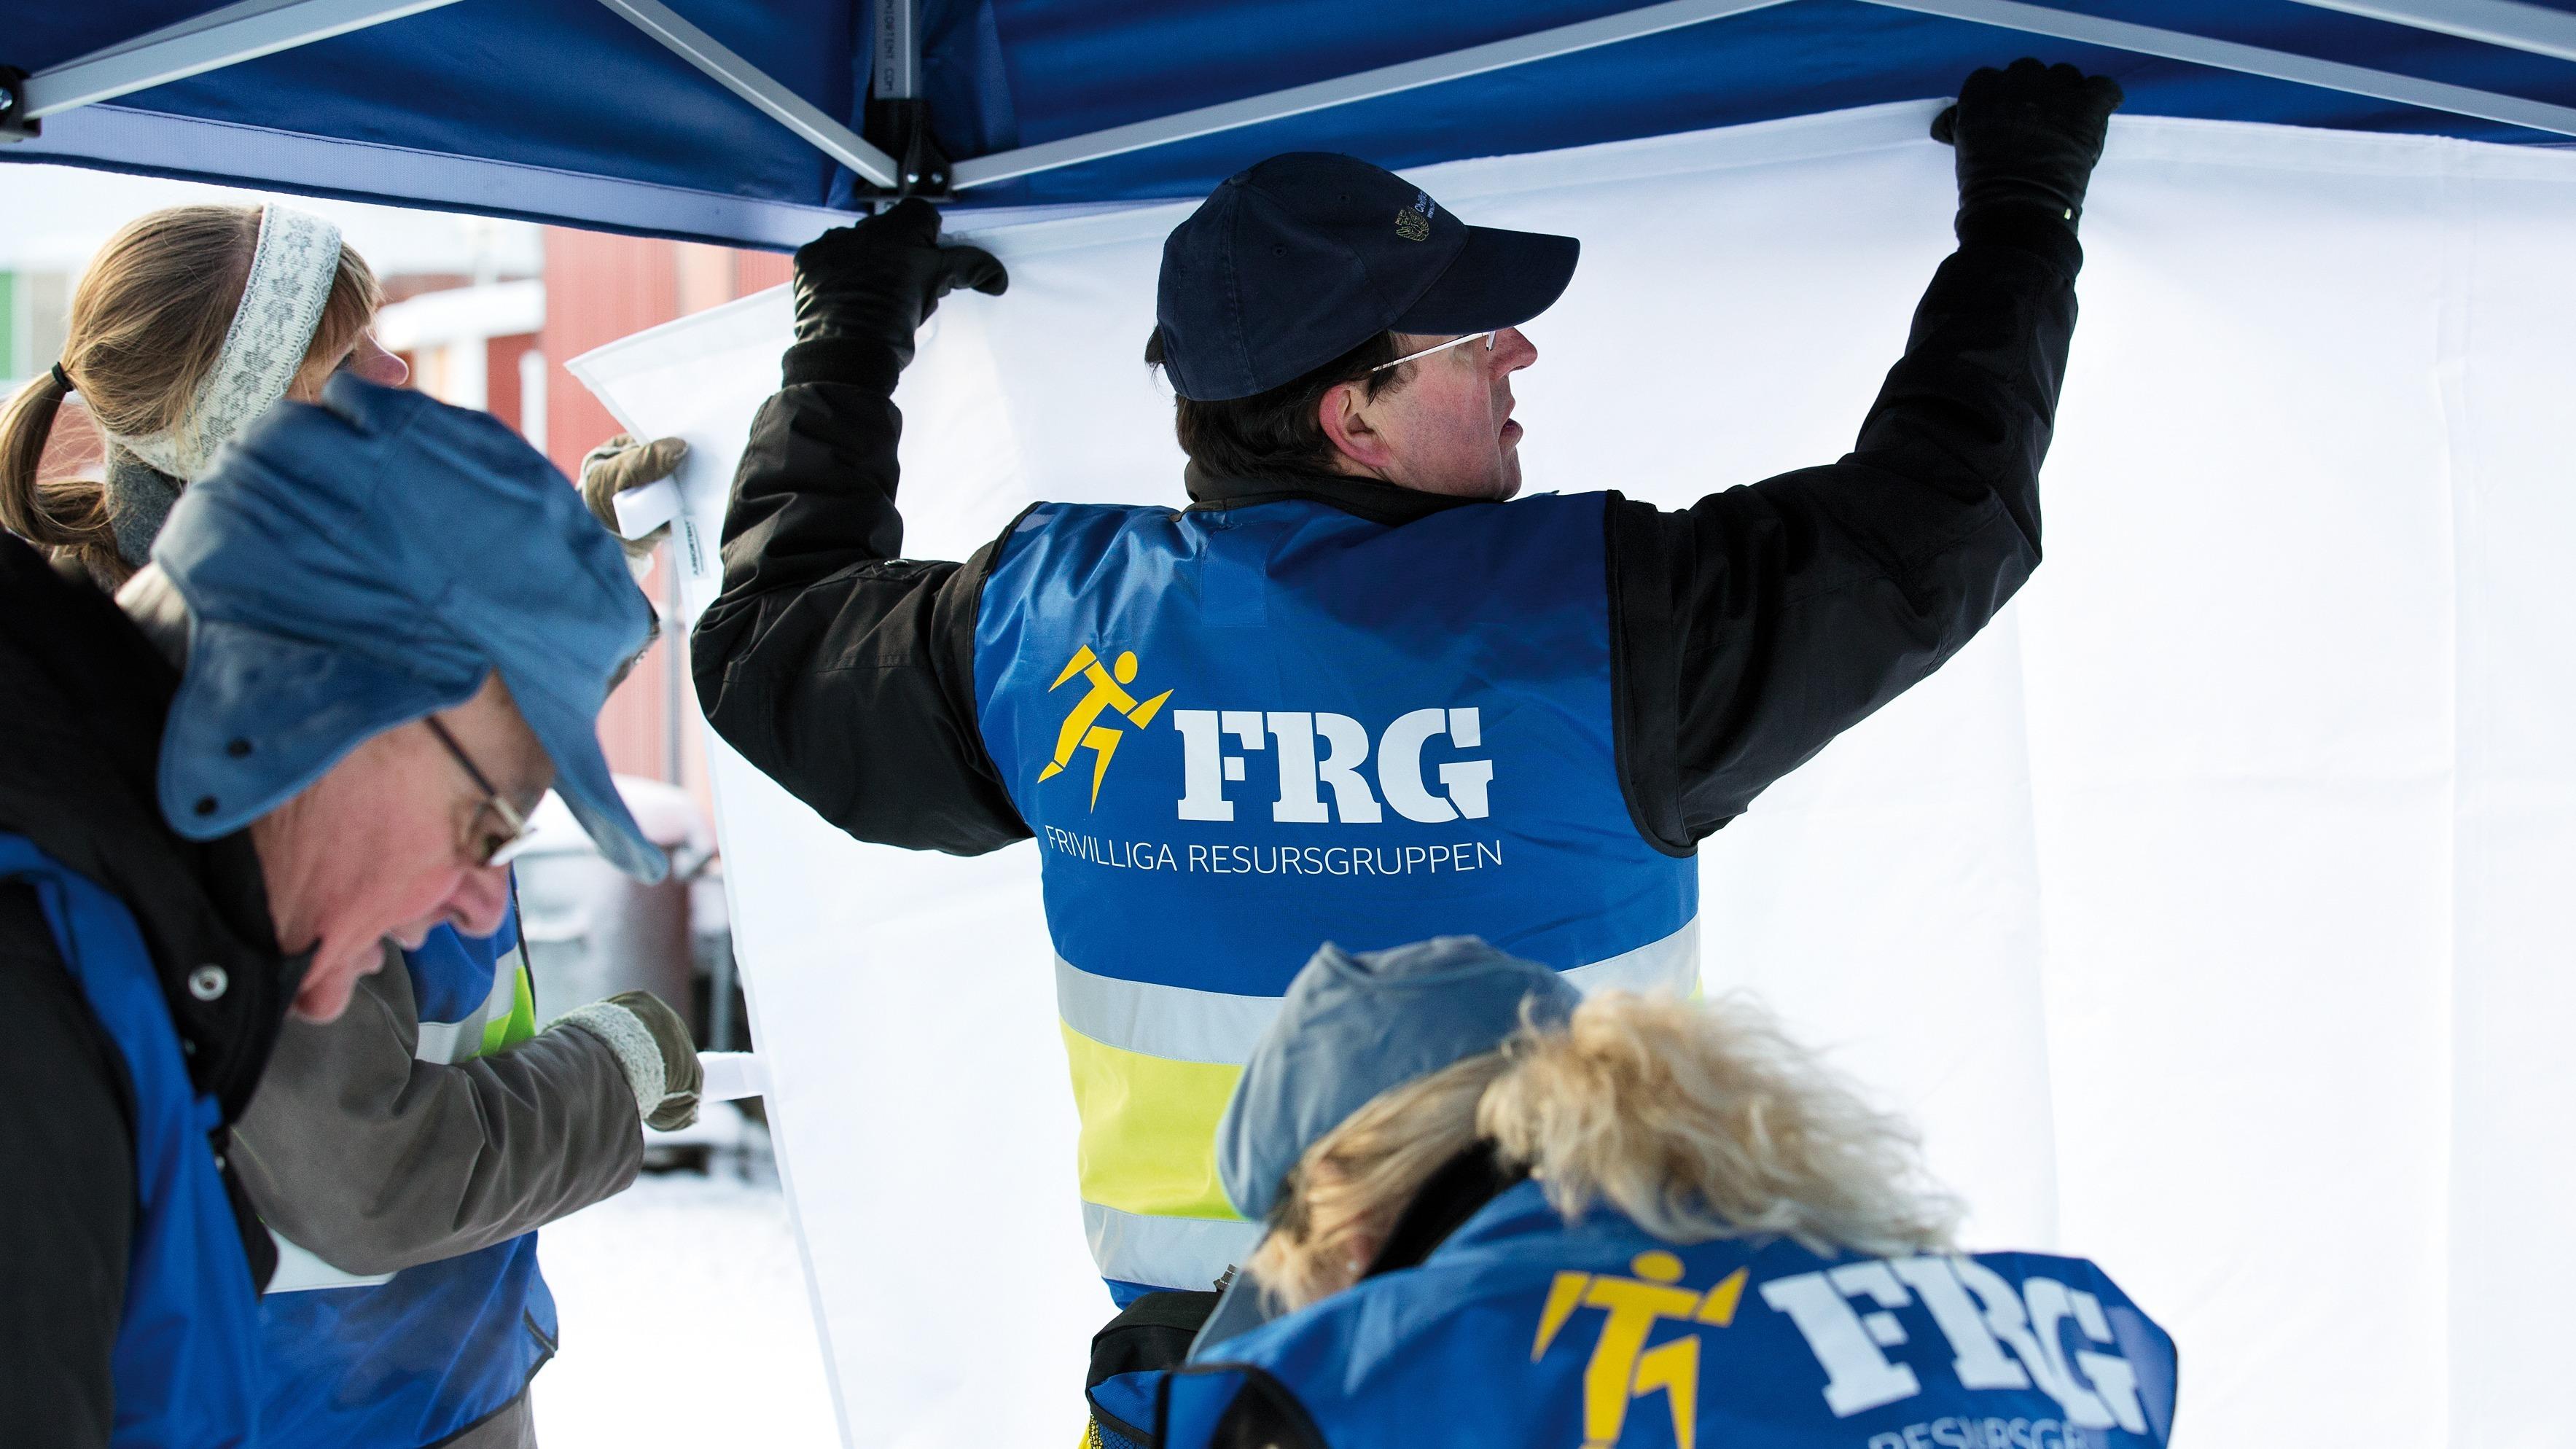 Fyra personer ur frivilliga resursgruppen som sätter upp ett tält.